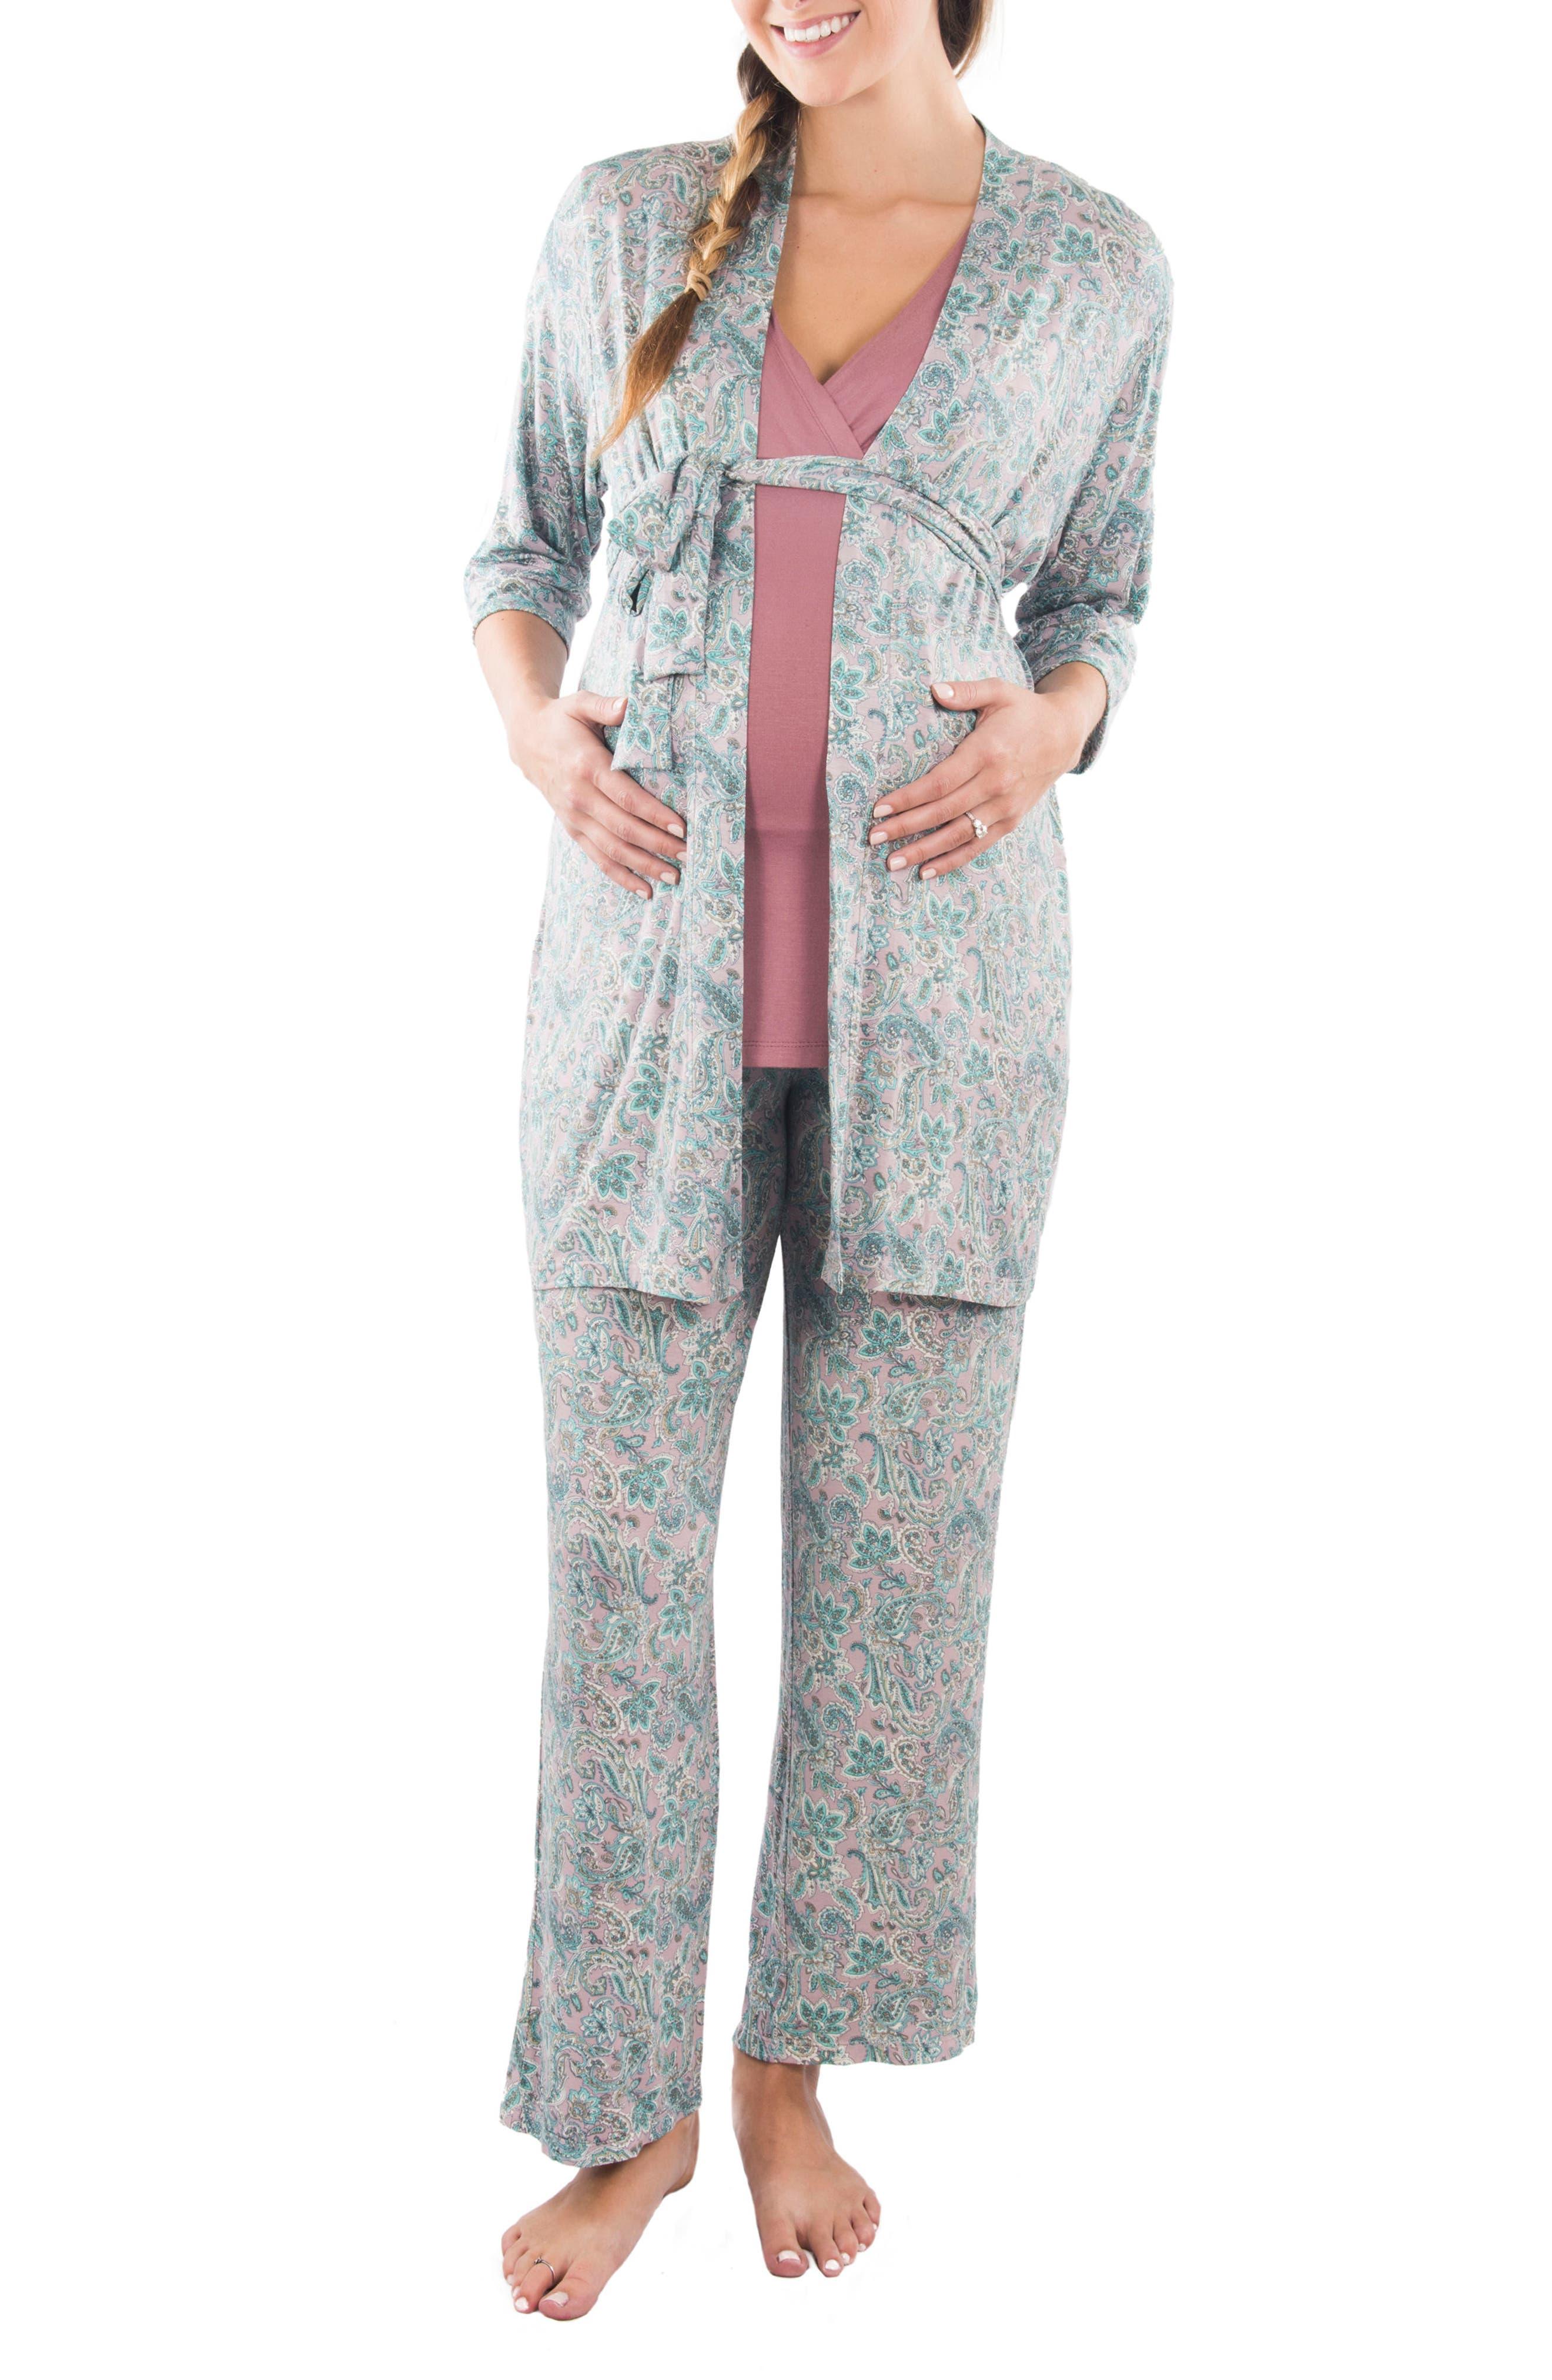 Main Image - Everly Grey Susan 5-Piece Maternity/Nursing Pajama Set